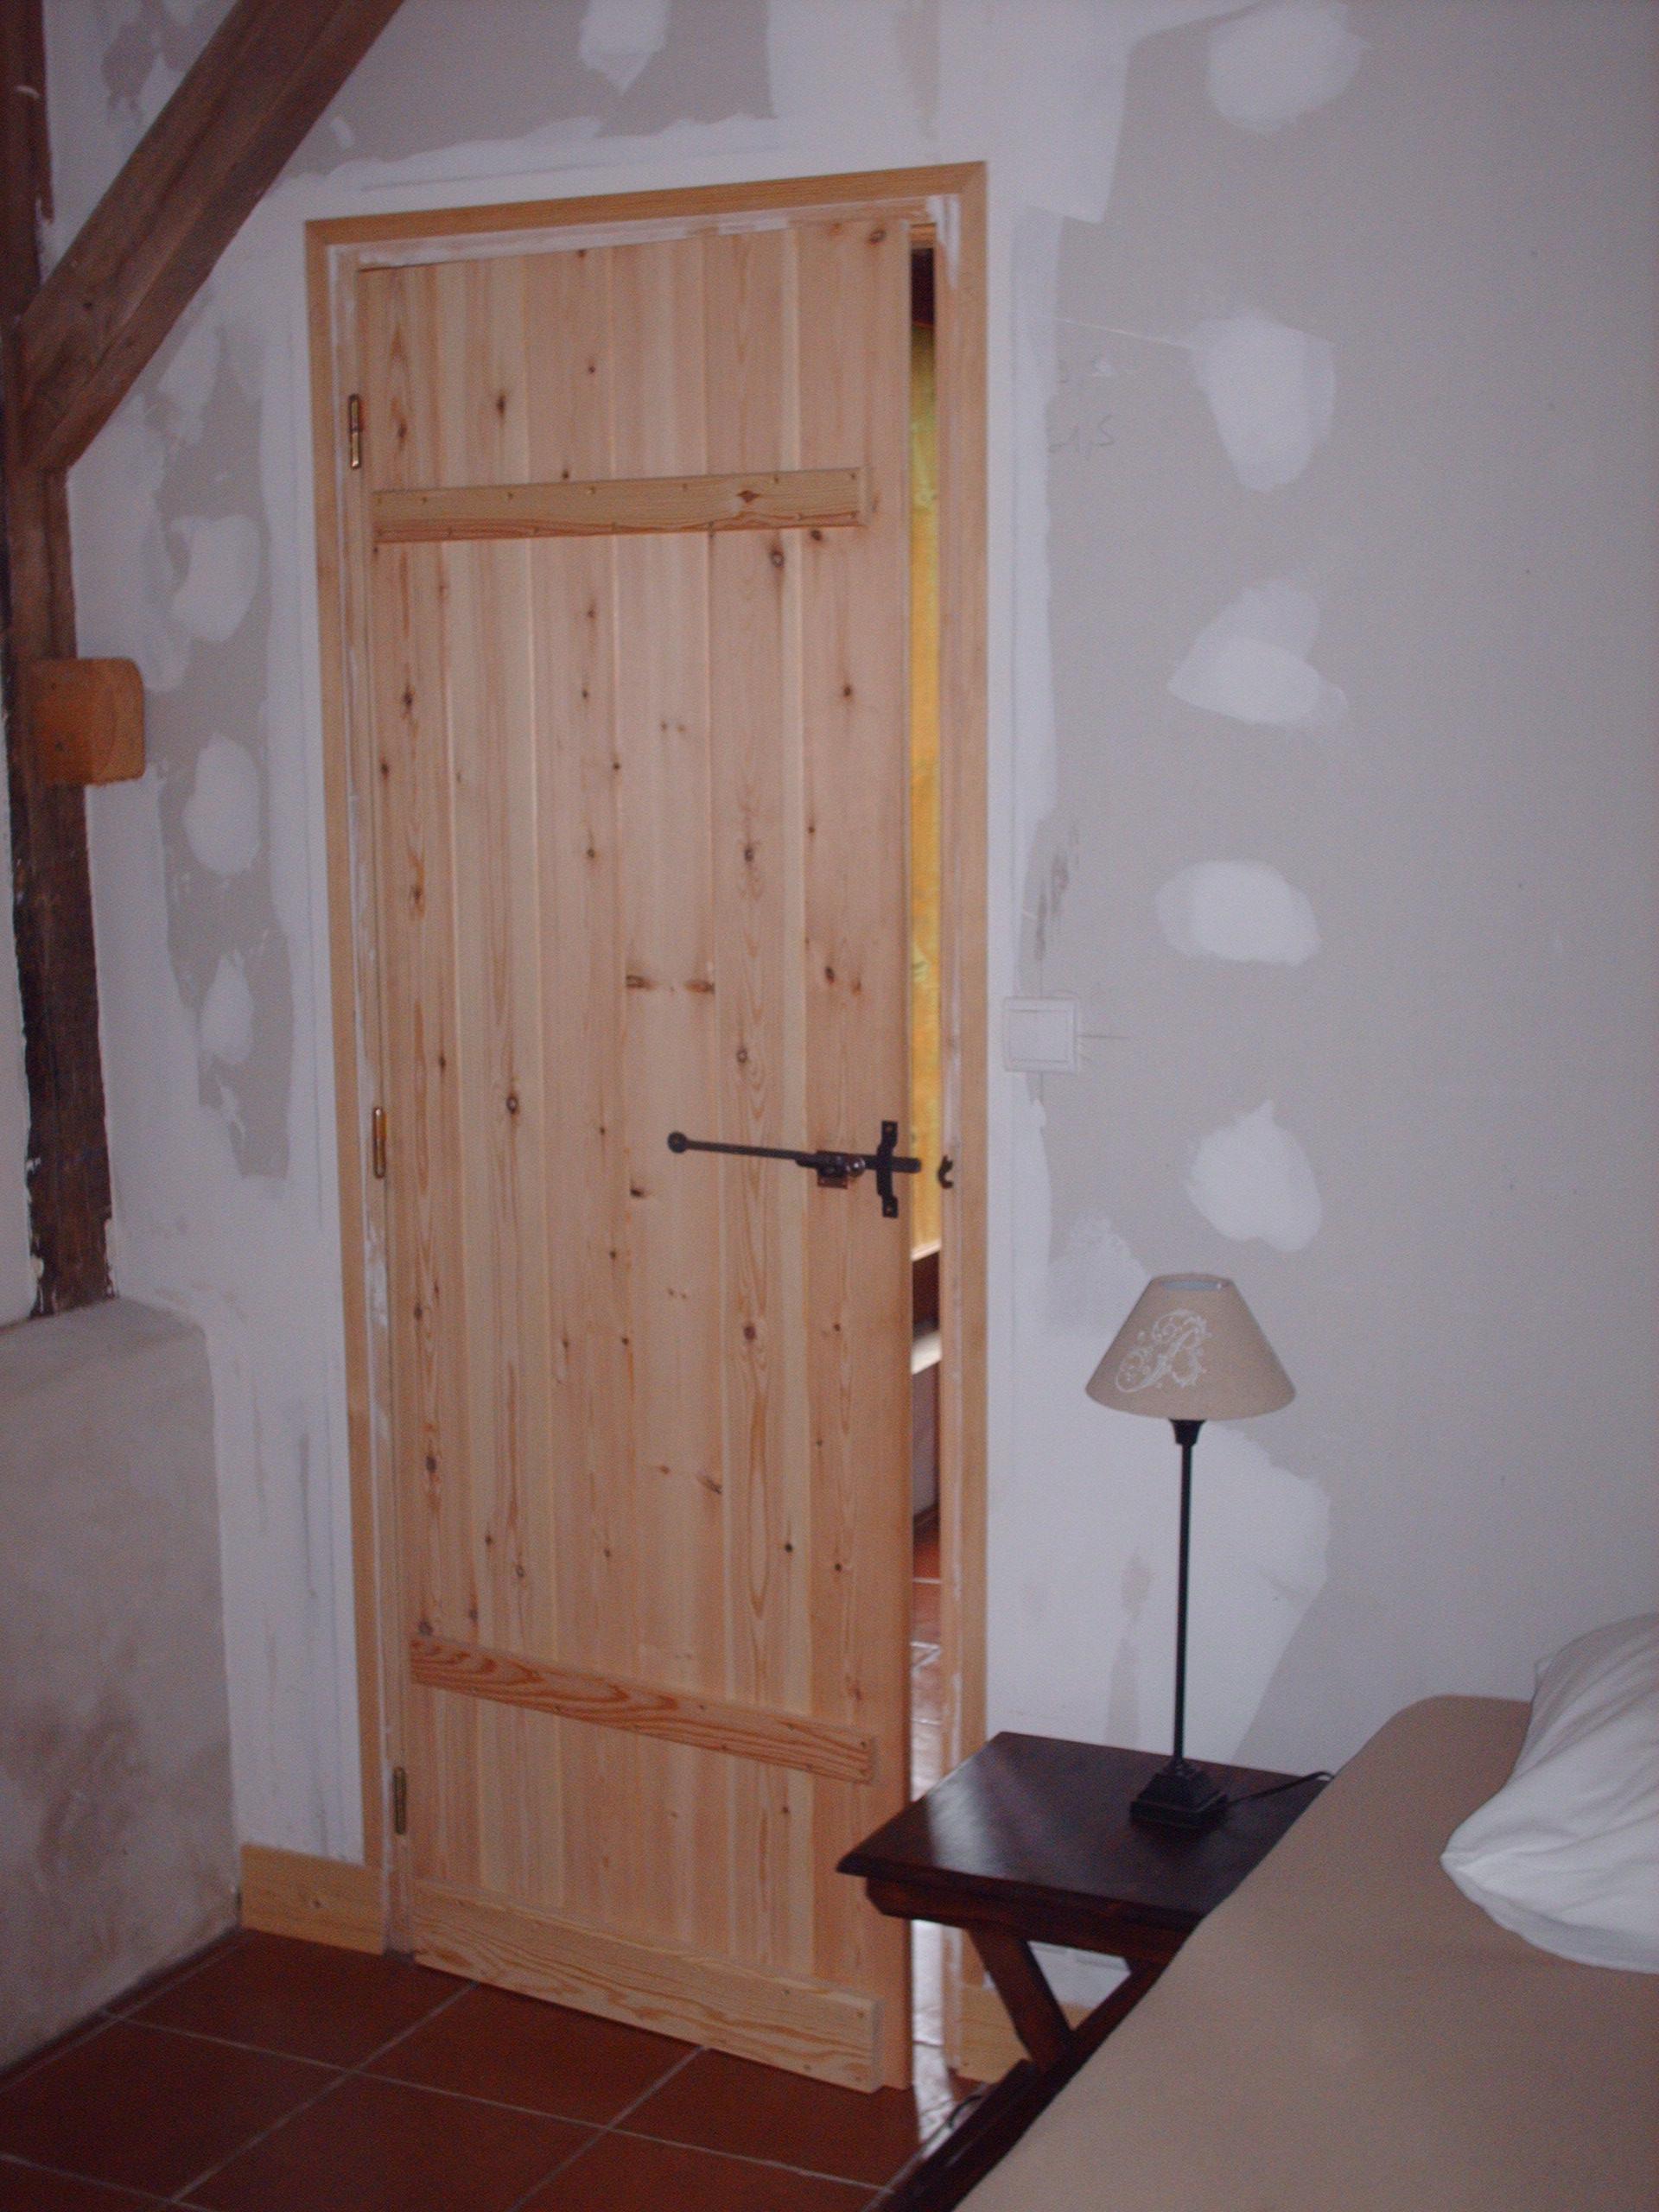 Bien connu Les portes intérieures – BIENVENUE A LA MENUISERIE LAURENÇON PP51